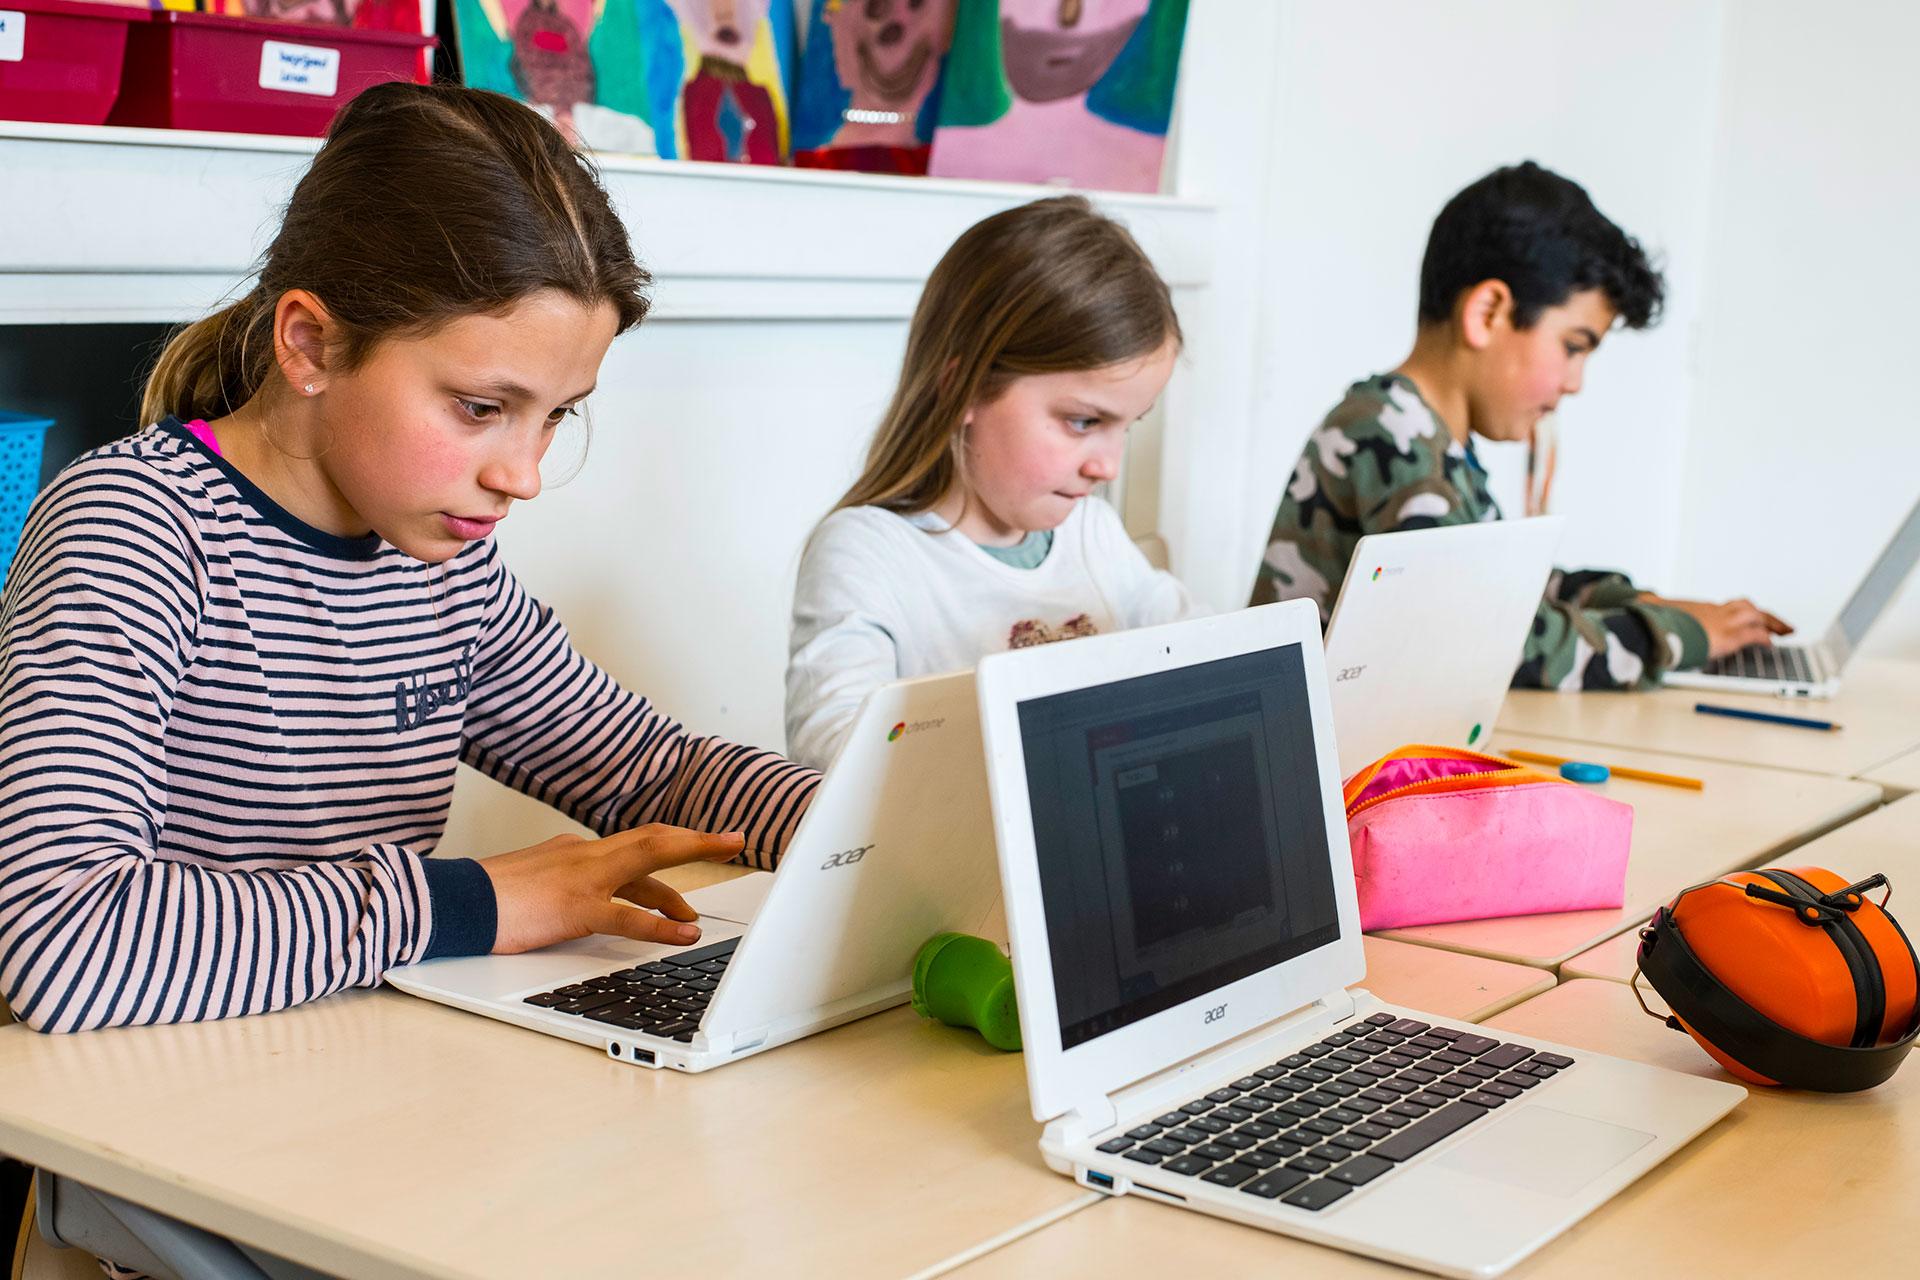 Schülerinnen arbeiten am Laptop im Schulzimmer